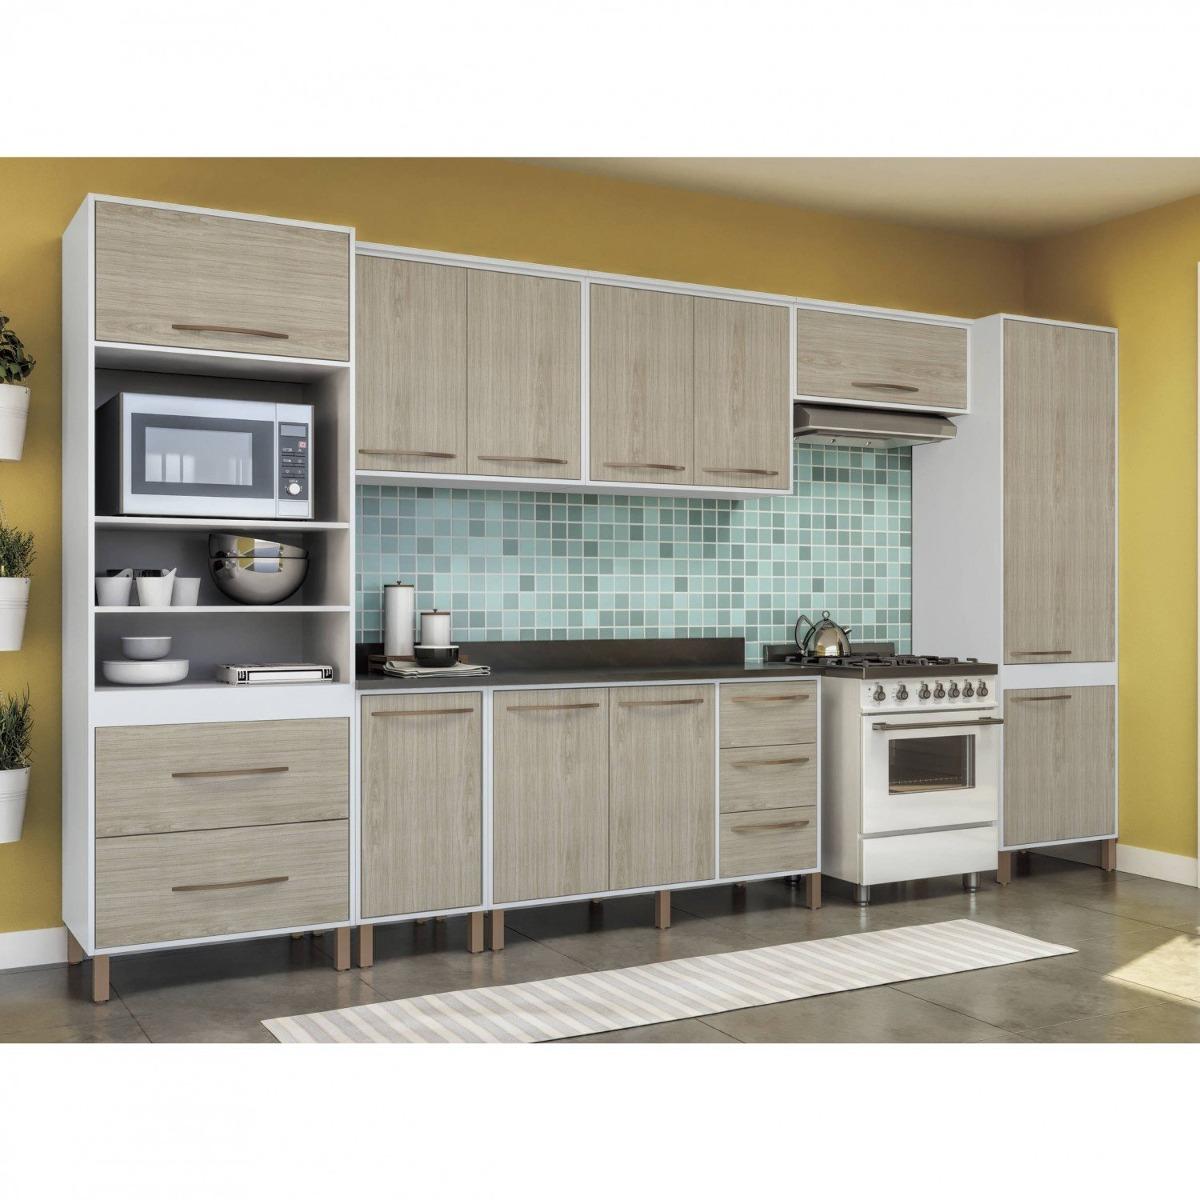 Cozinha Completa Balc O Com Tampo 7 Pe As Ervilha Eewt R 1 593 50